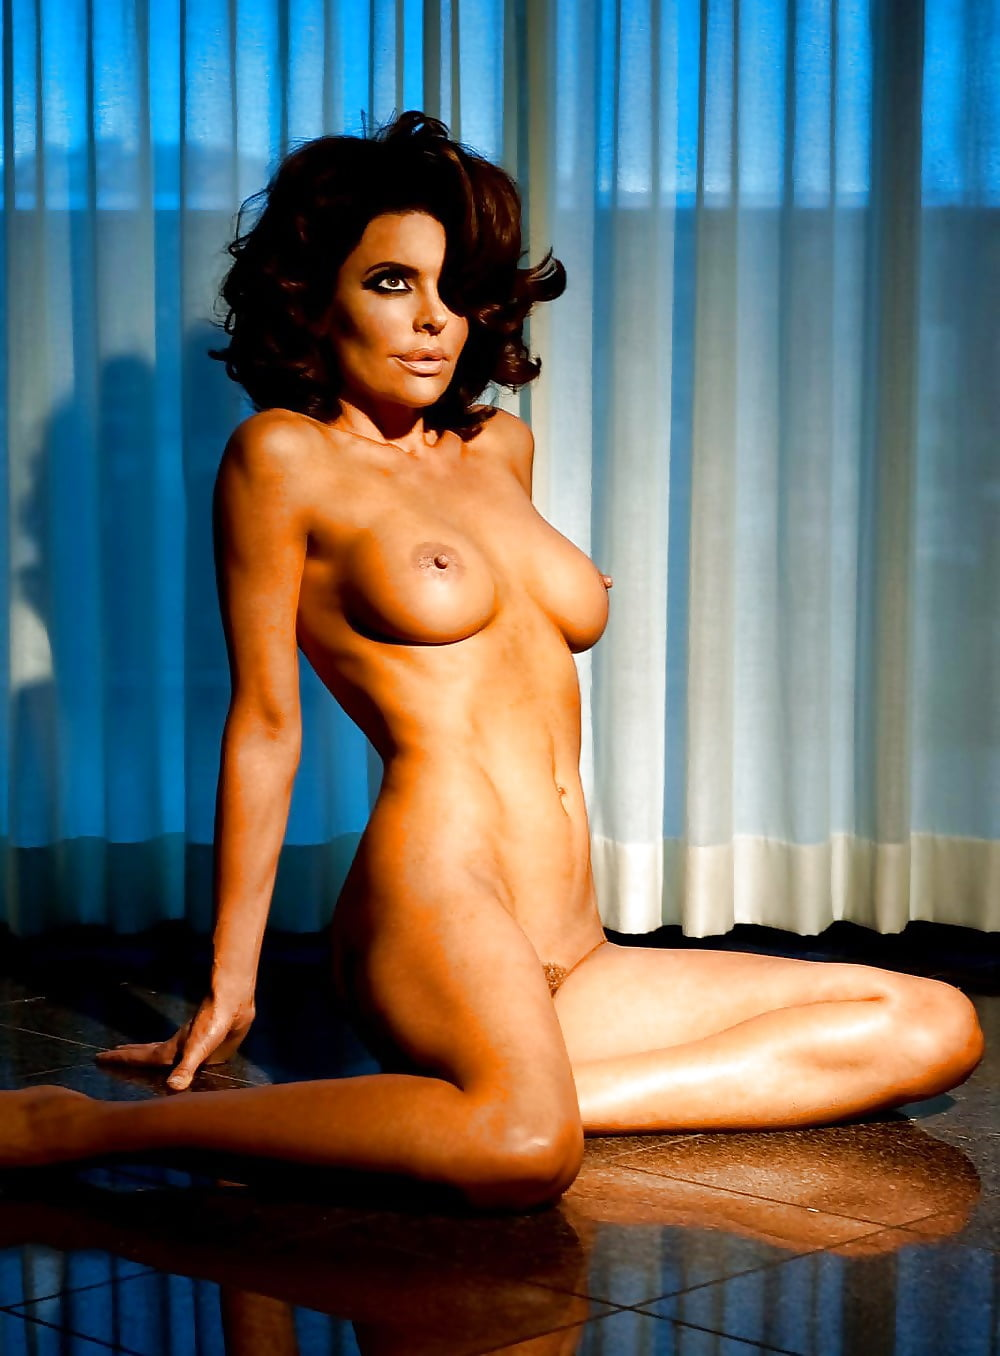 Фото Обнаженных Русских Актрис В Стиле Ню